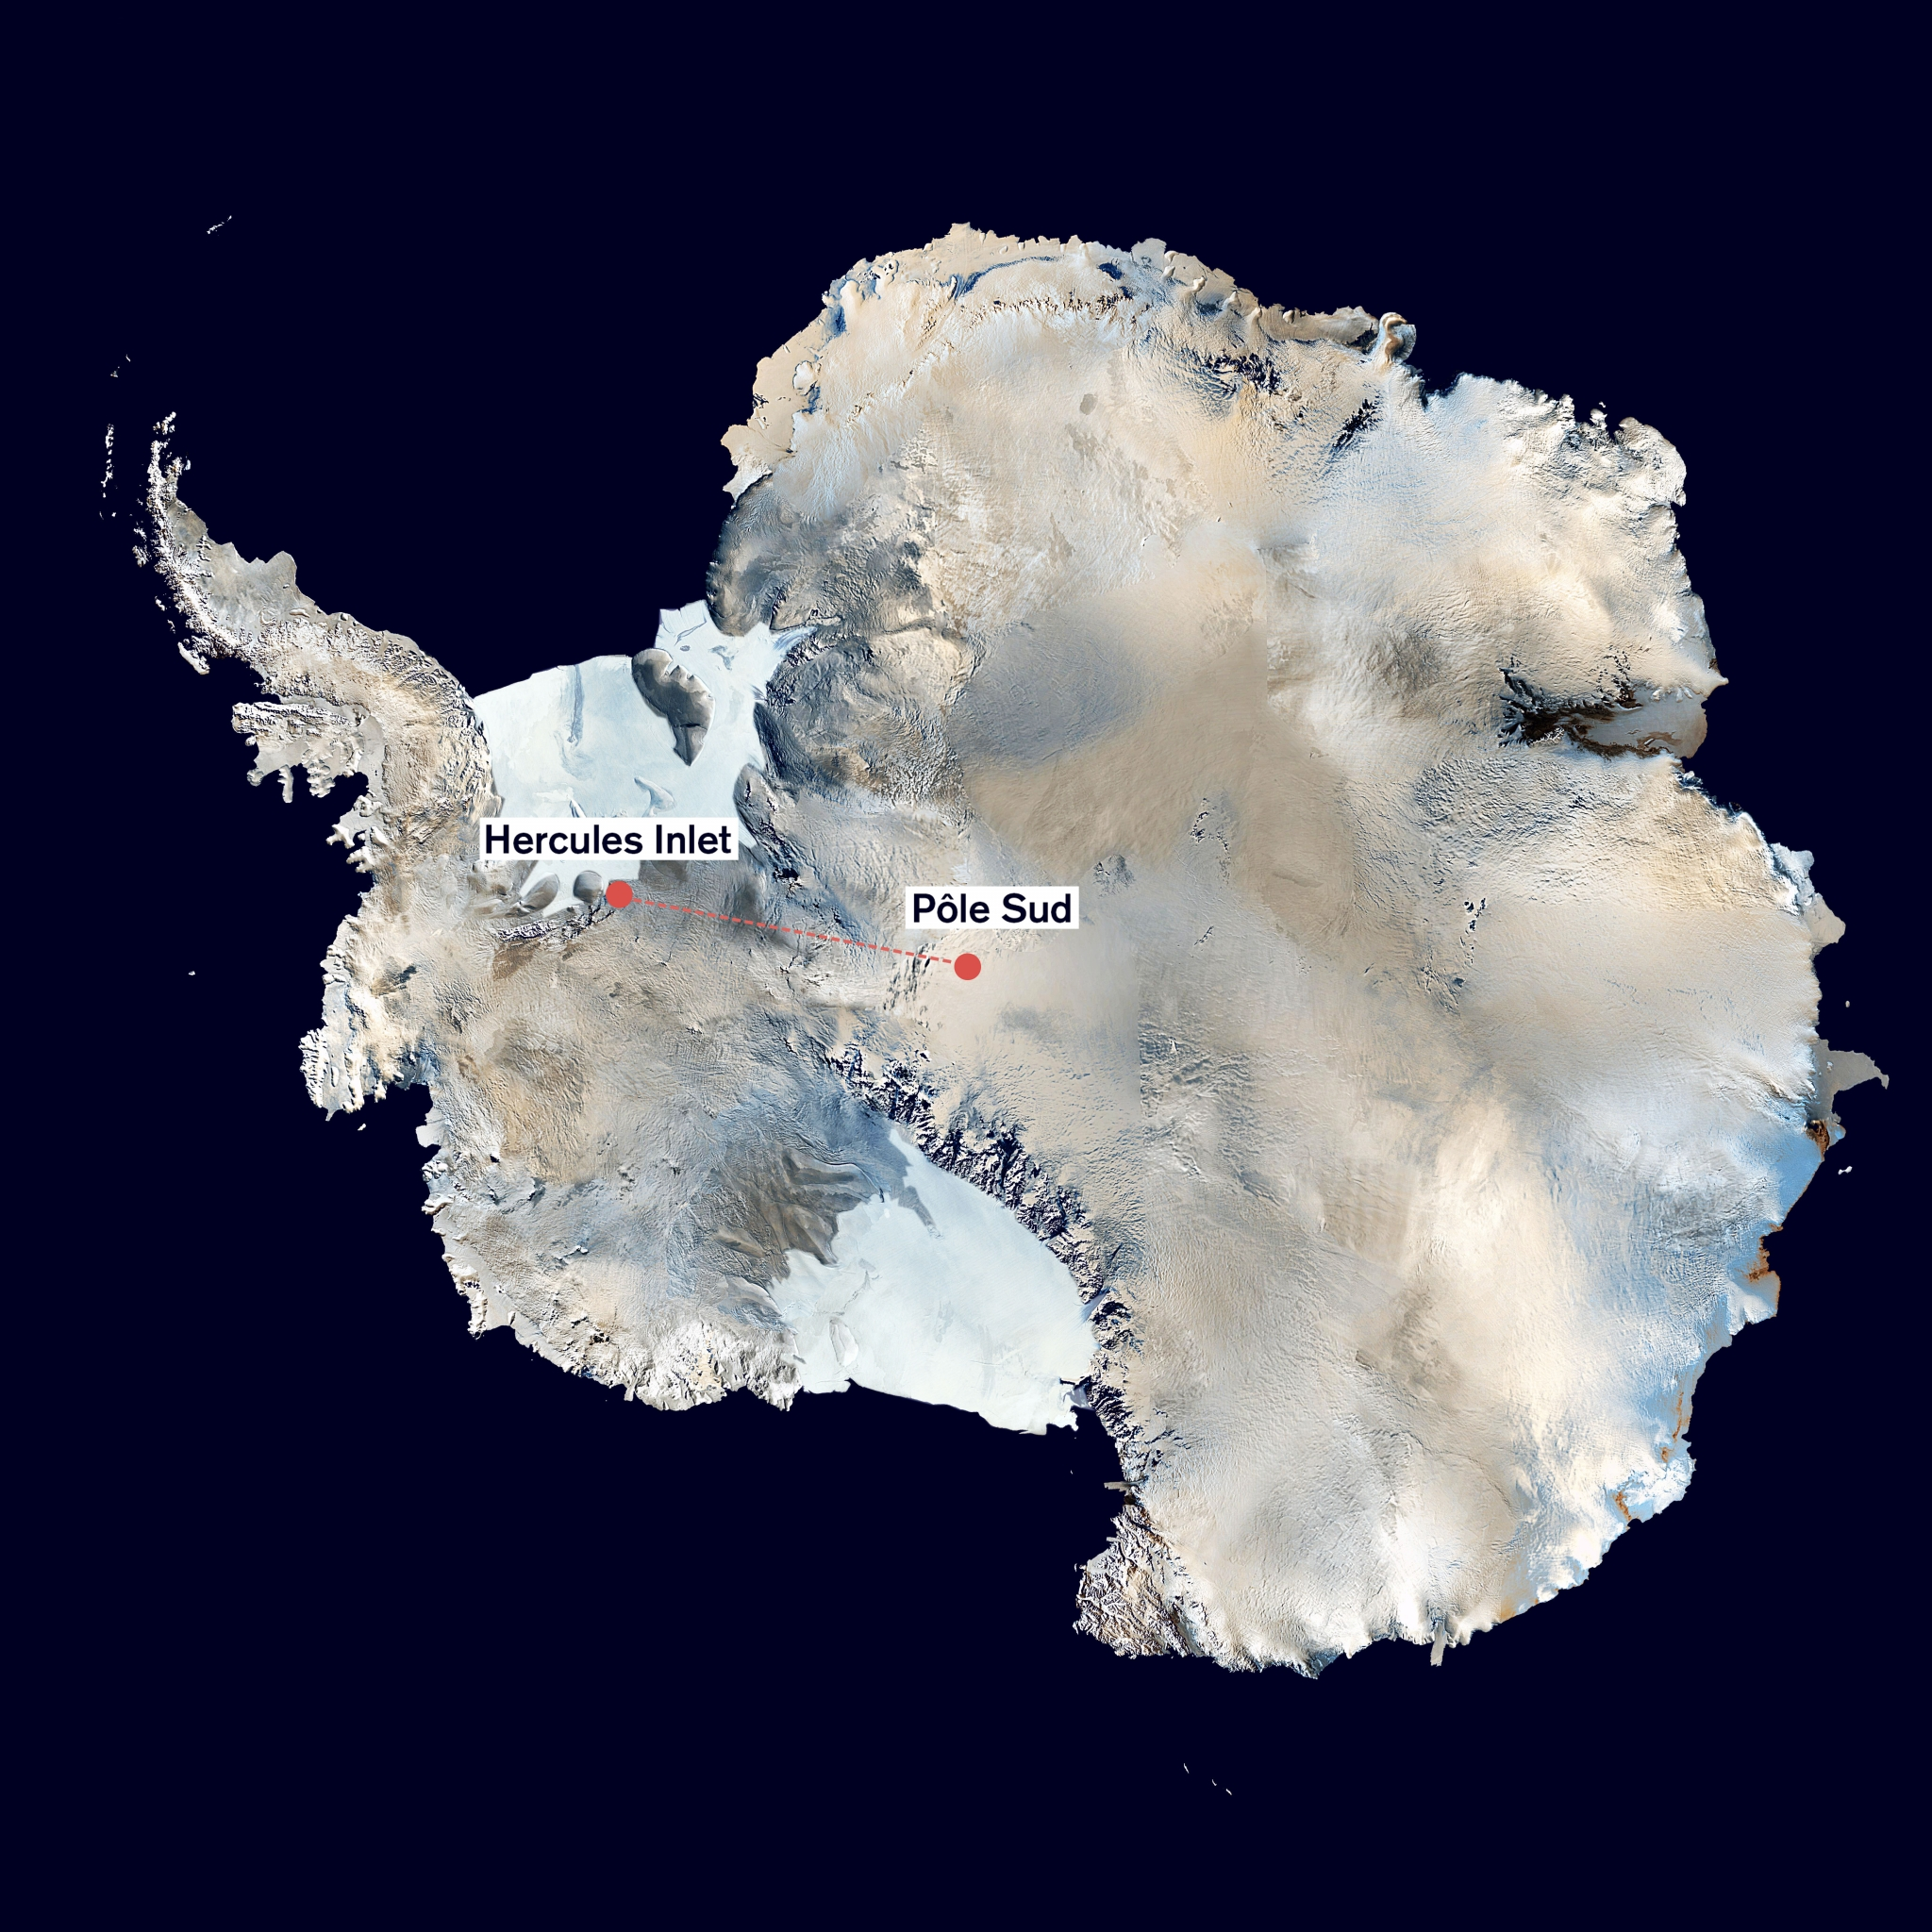 expédition,matthieu tordeur,benjamin société des explorateurs français,pôle sud,polaire,parrain,jean-louis etienne,antarctique